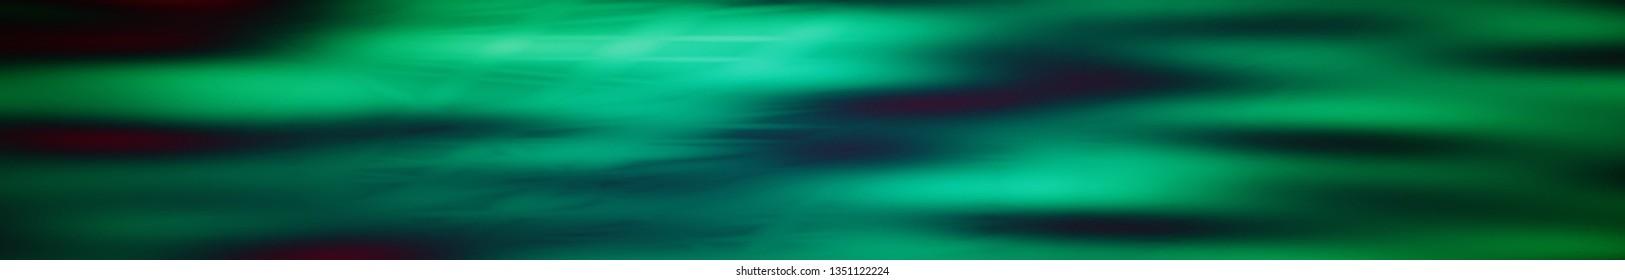 Background green widescreen tspeed texture walpaper